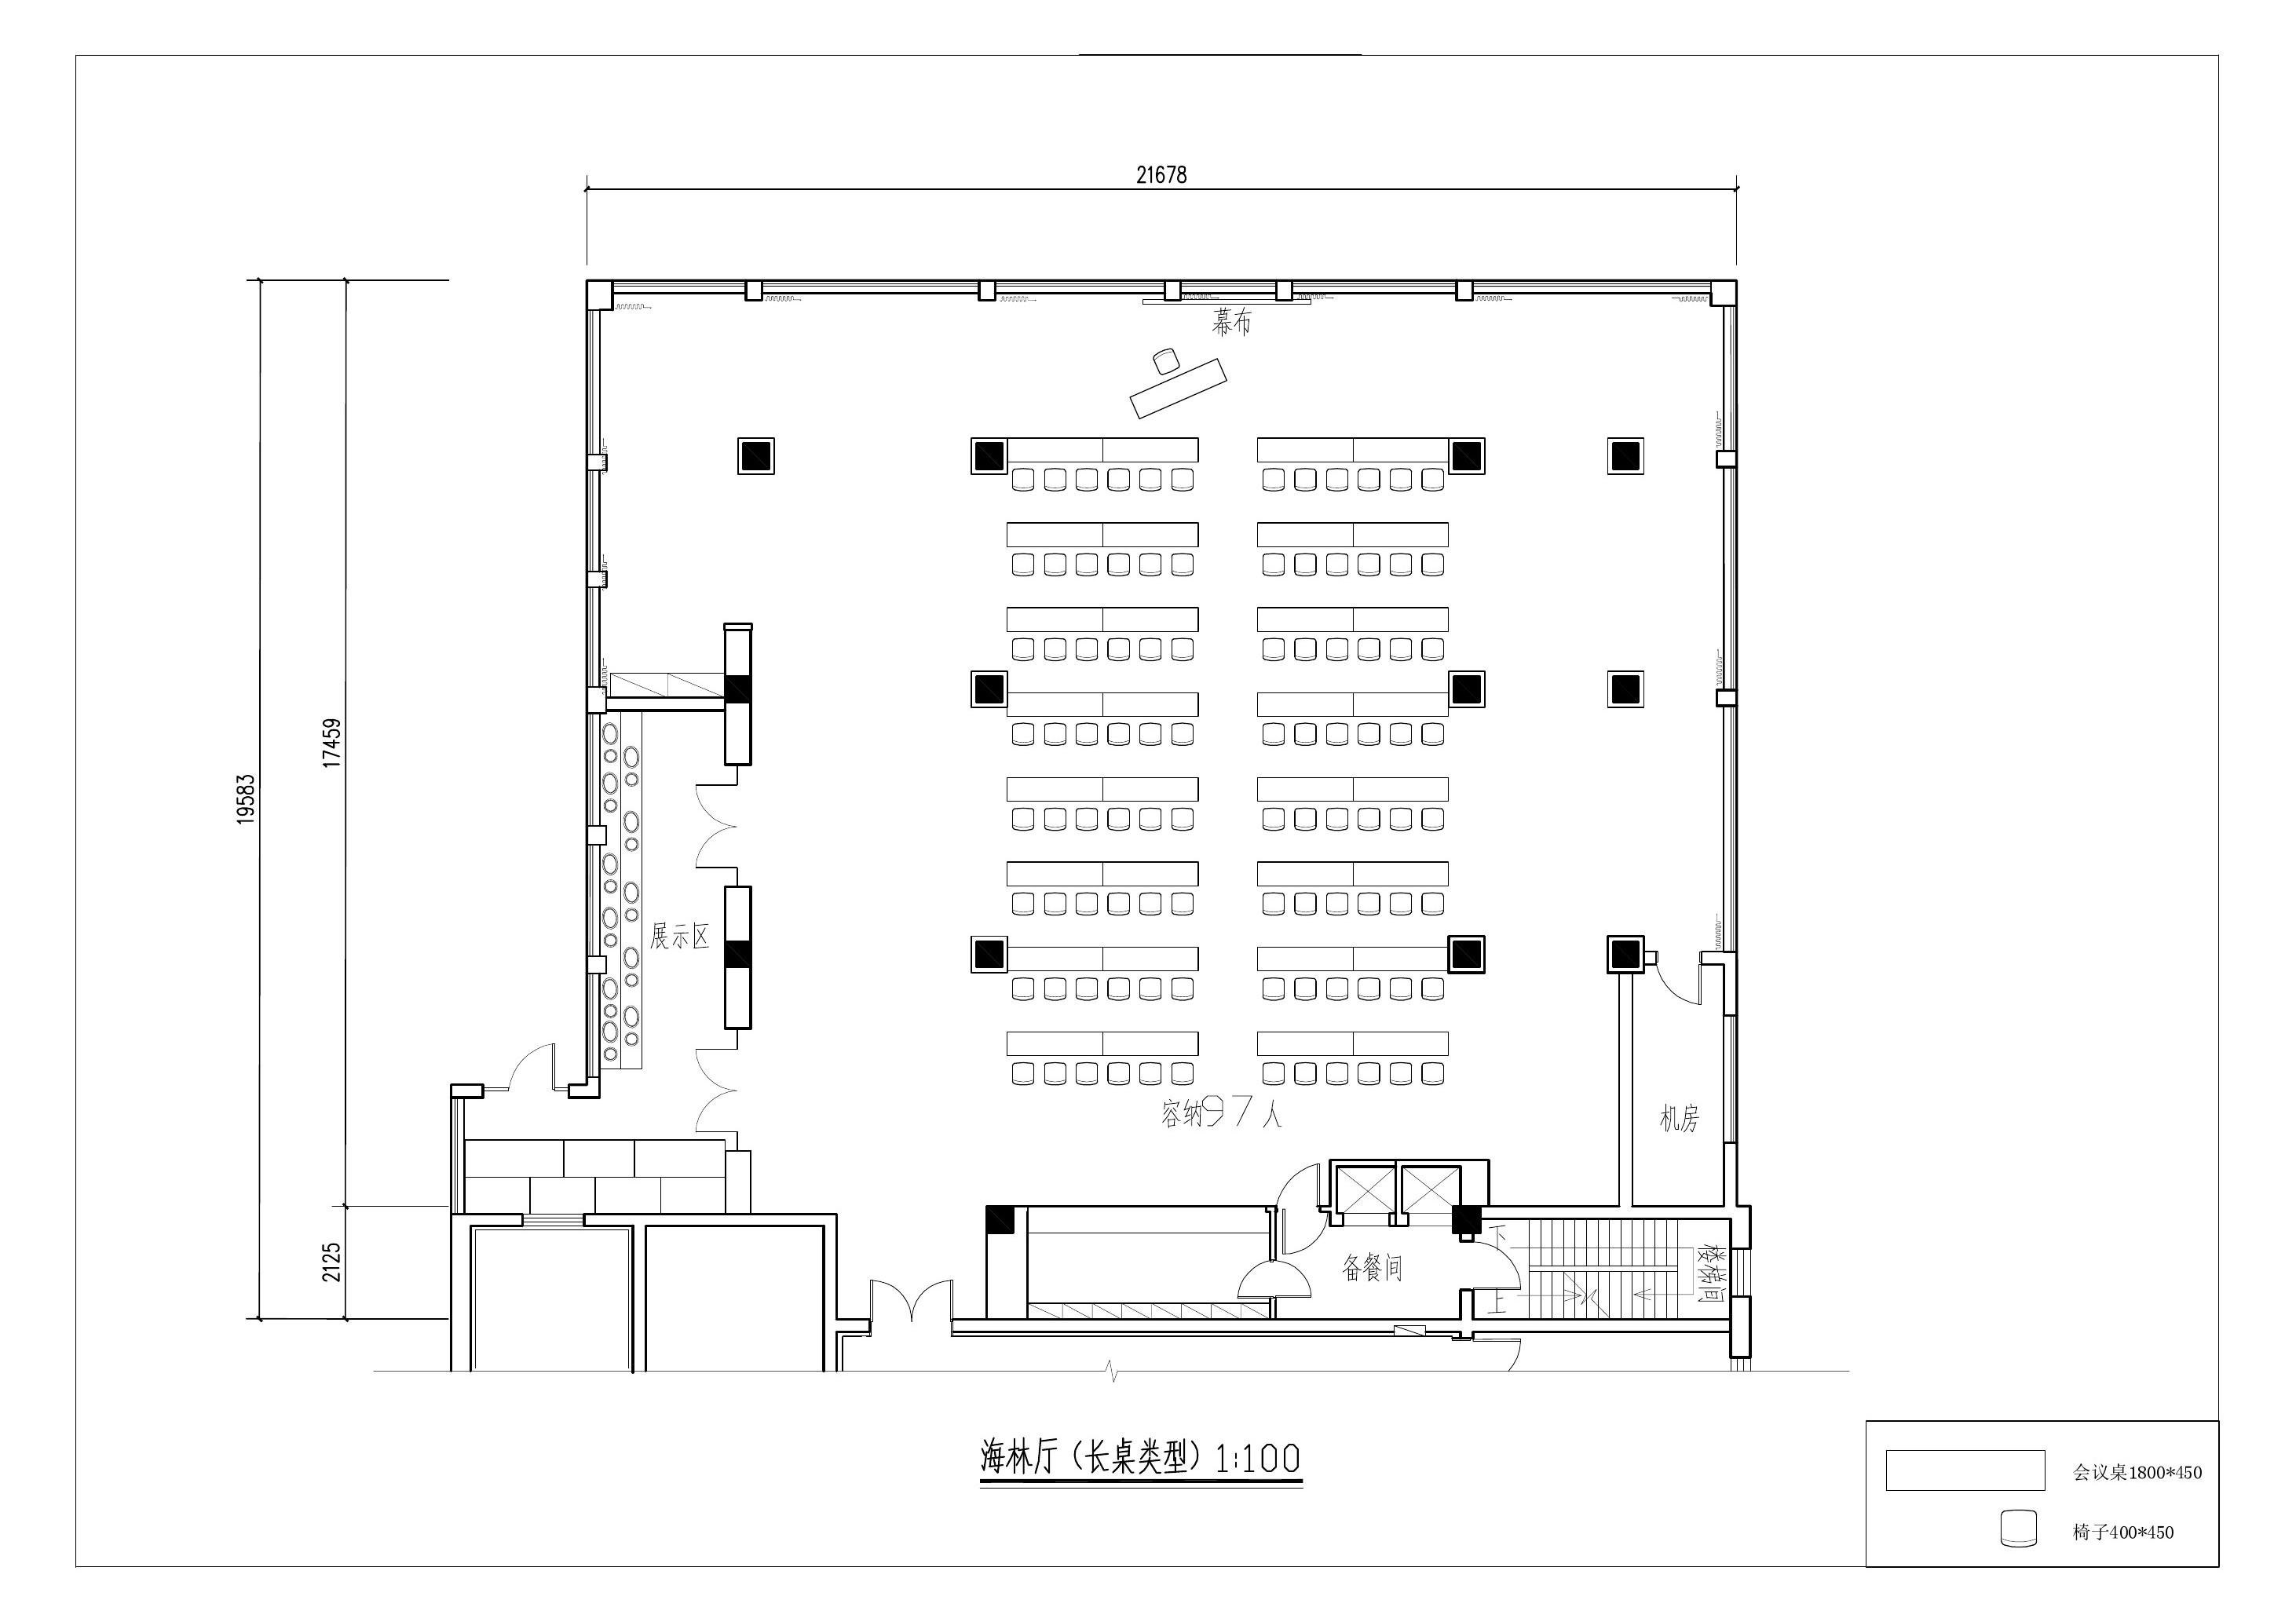 海林厅长桌平面布置图_modified.jpg